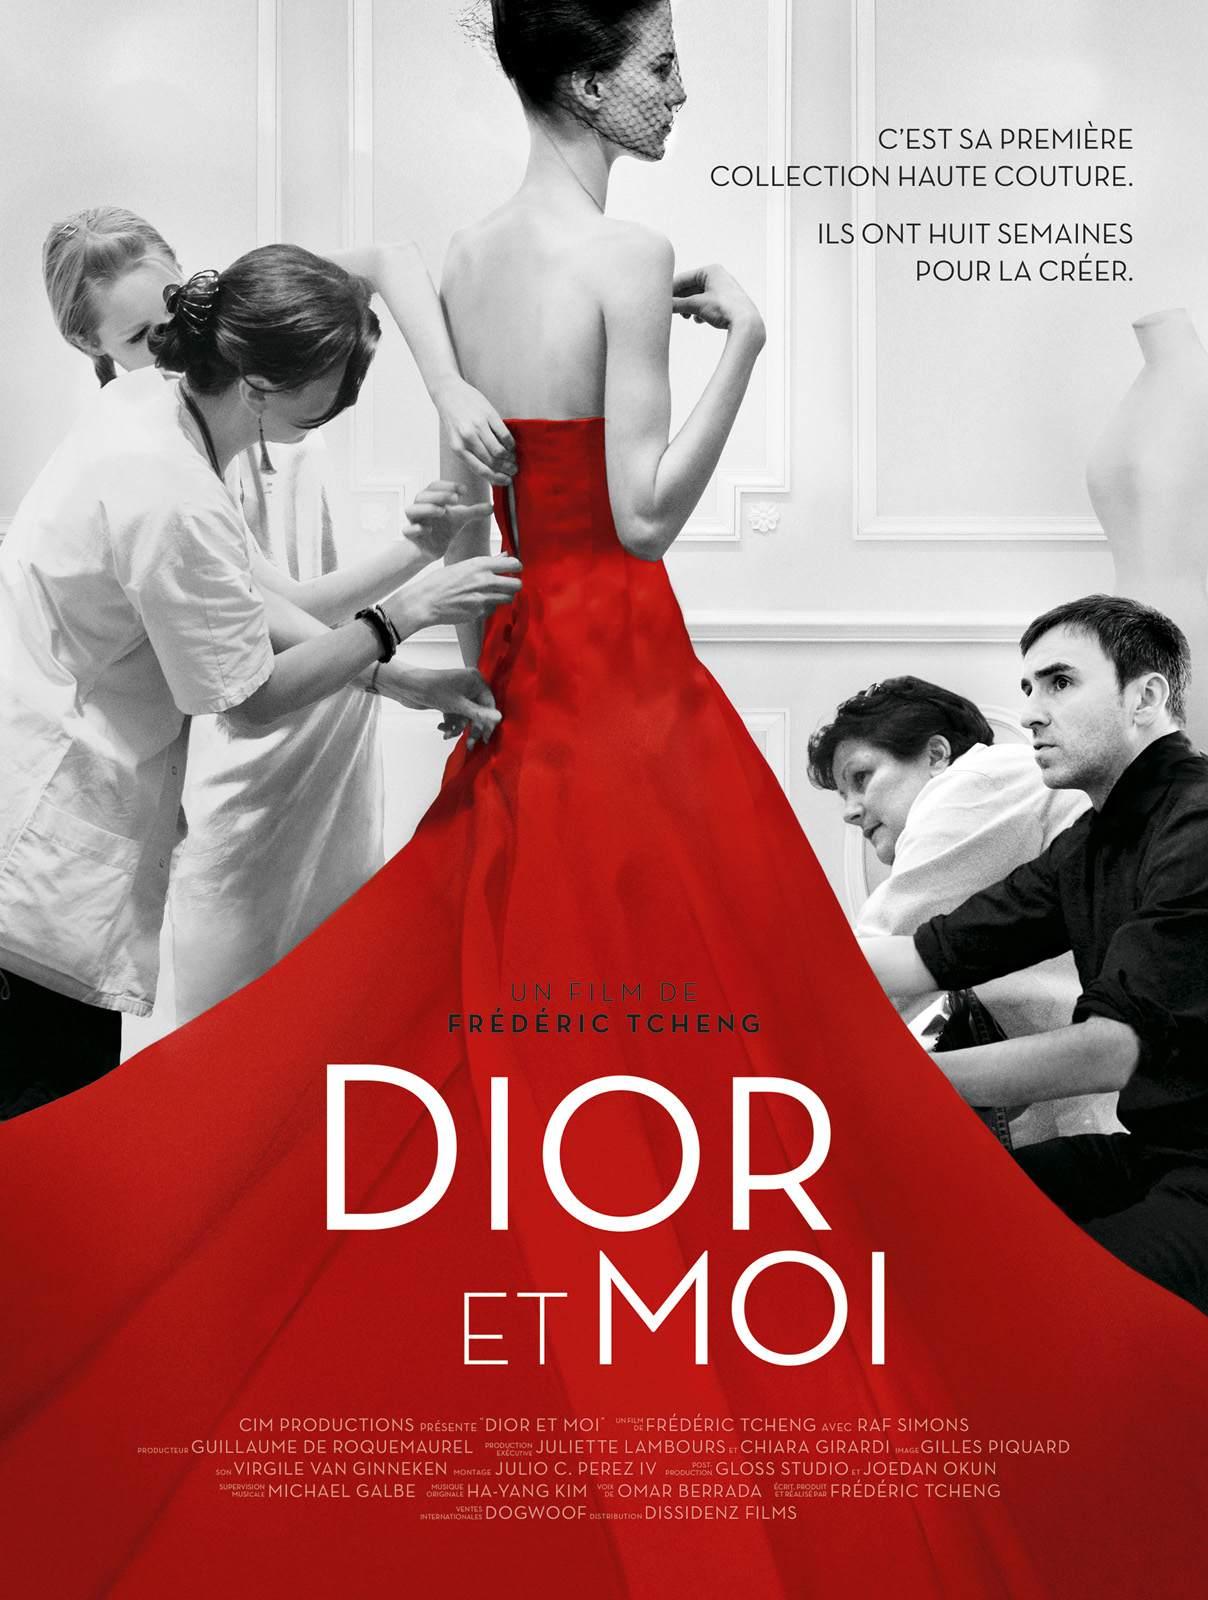 Dior et Moi - Frédéric Tcheng